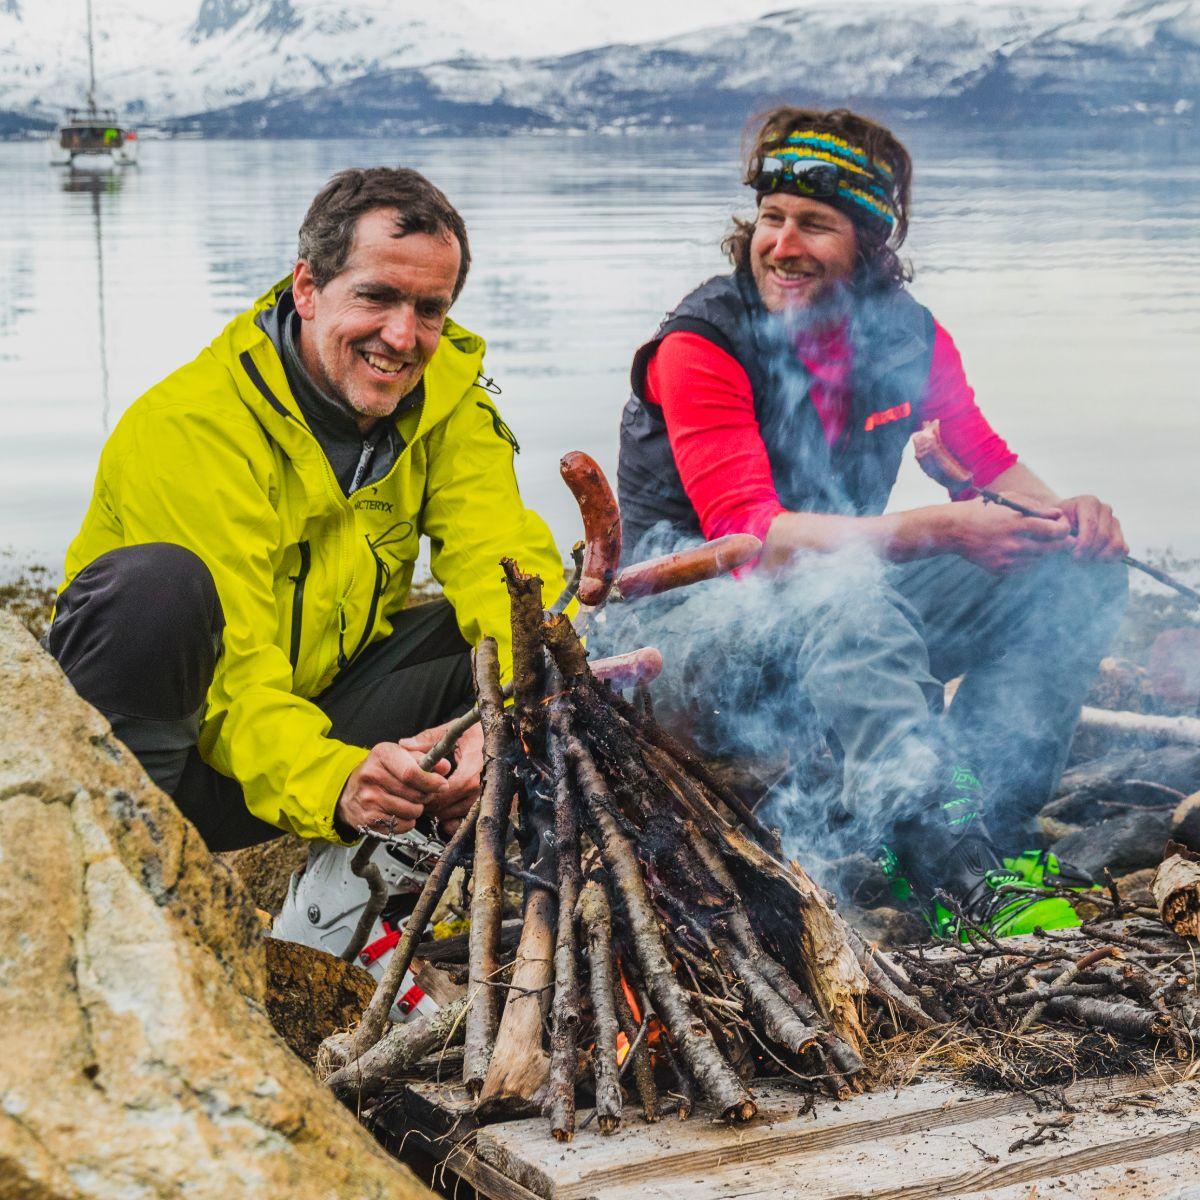 nationalfeiertag-norwegen-grillen-am-strand-nach-einer-gefuehrten-skitour-vom-schiff.jpg